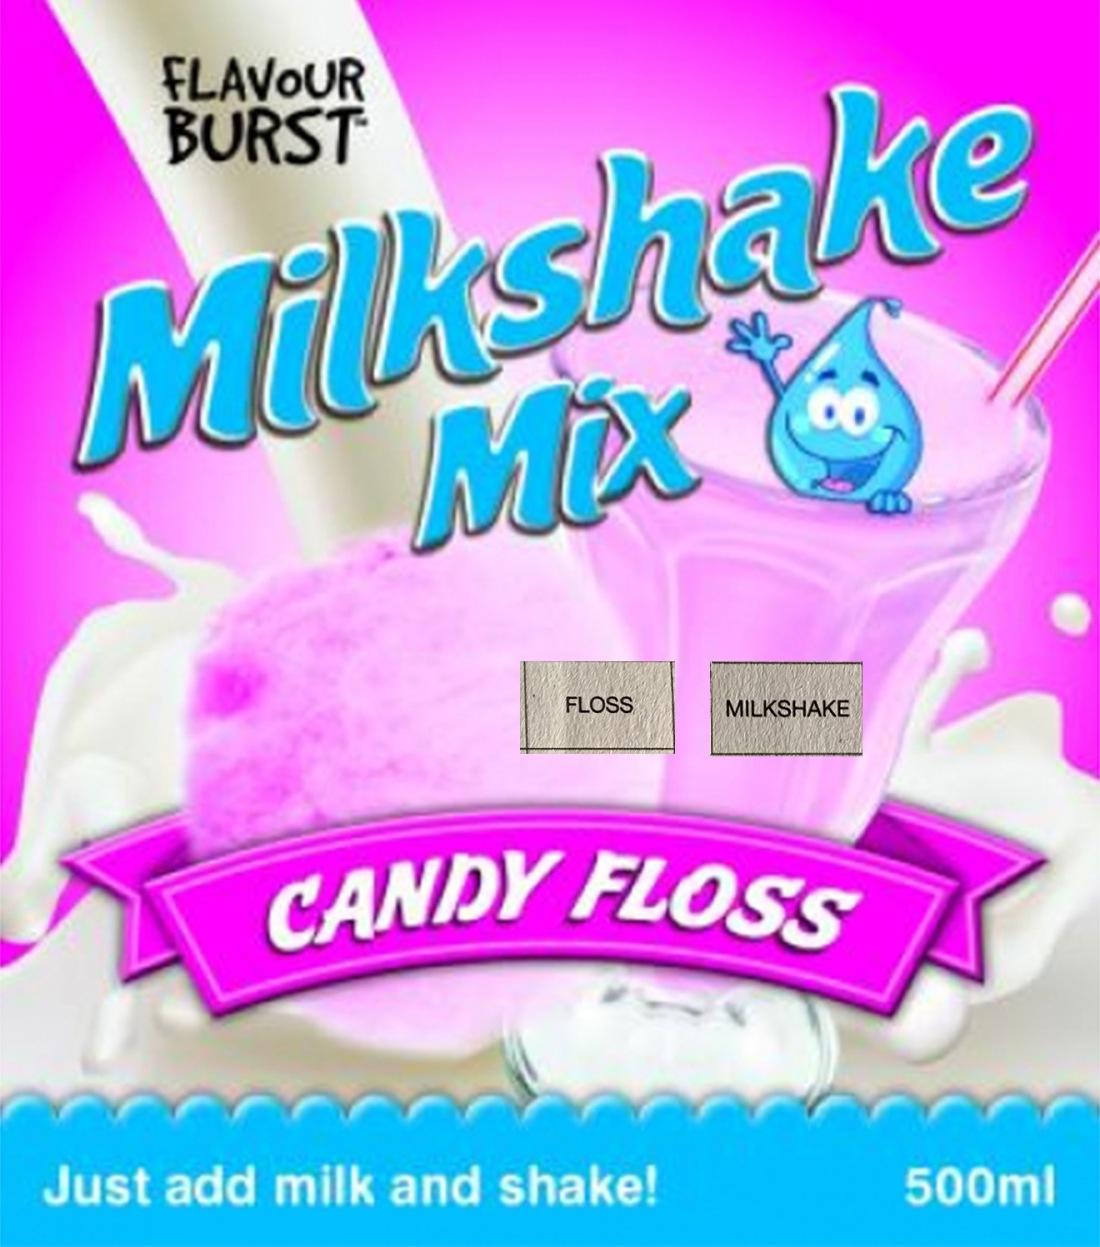 Floss Milkshake